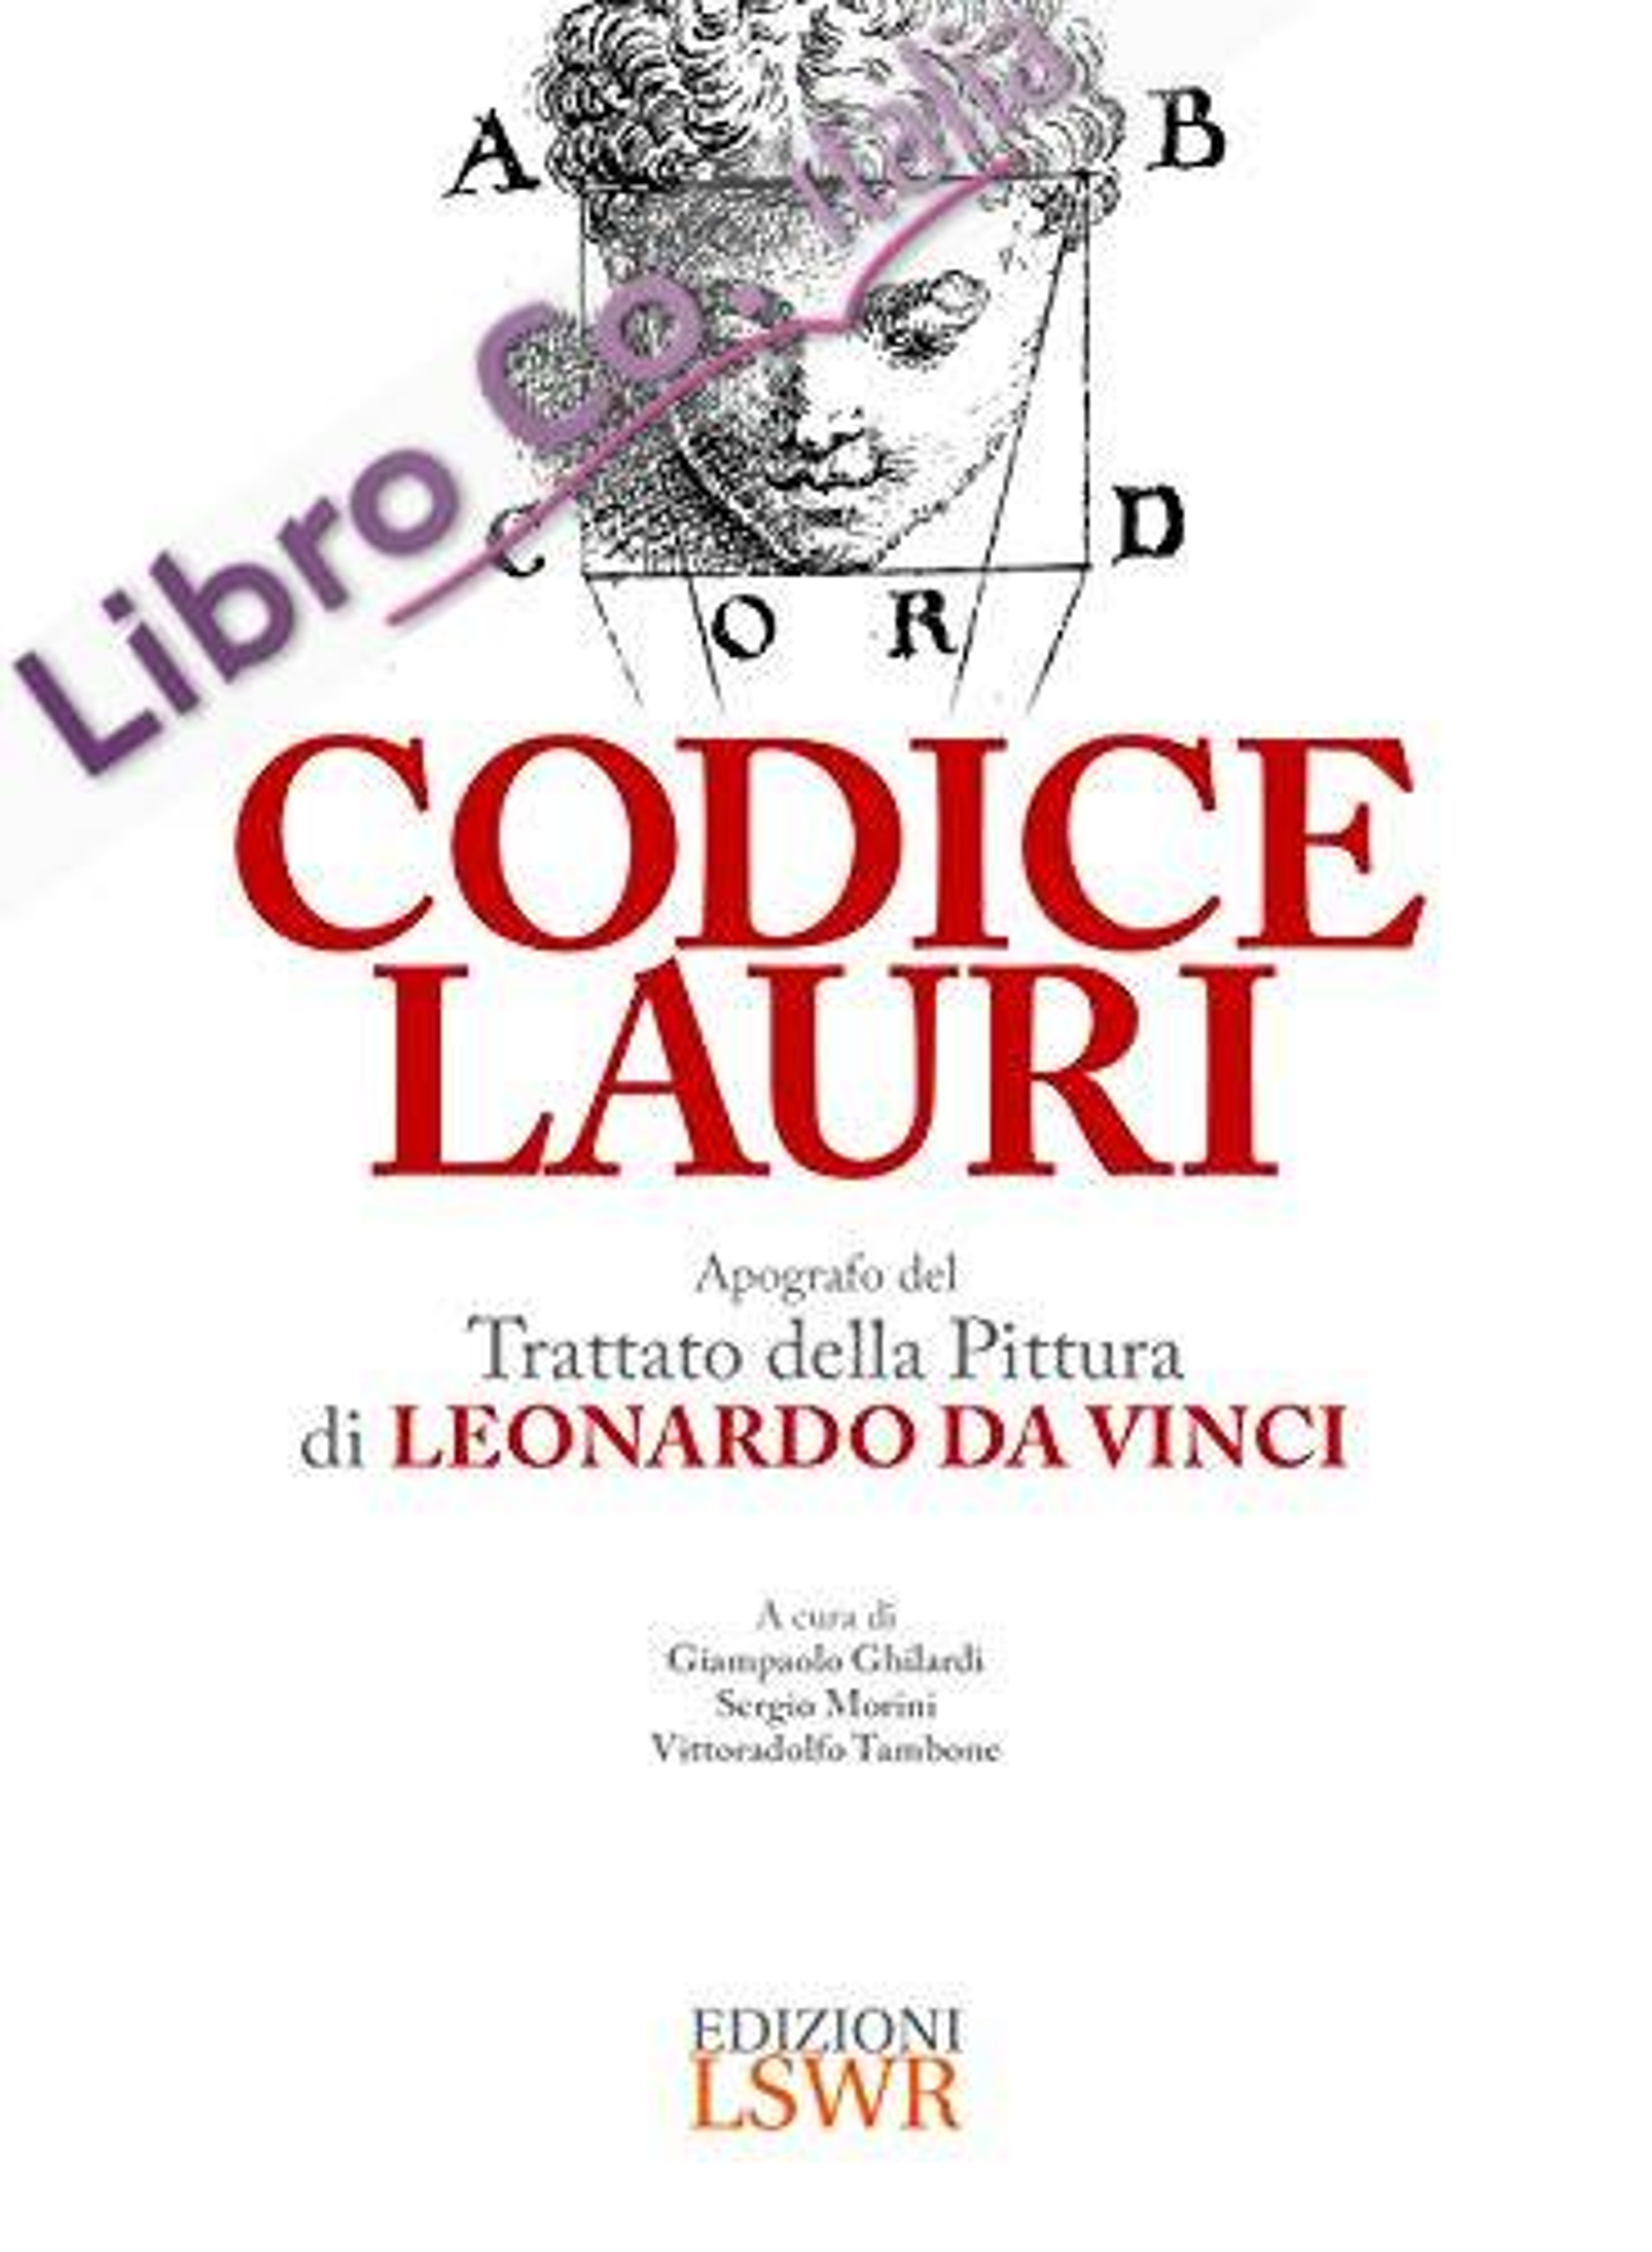 Codice Lauri. Apografo del Trattato della Pittura di Leonardo da Vinci.